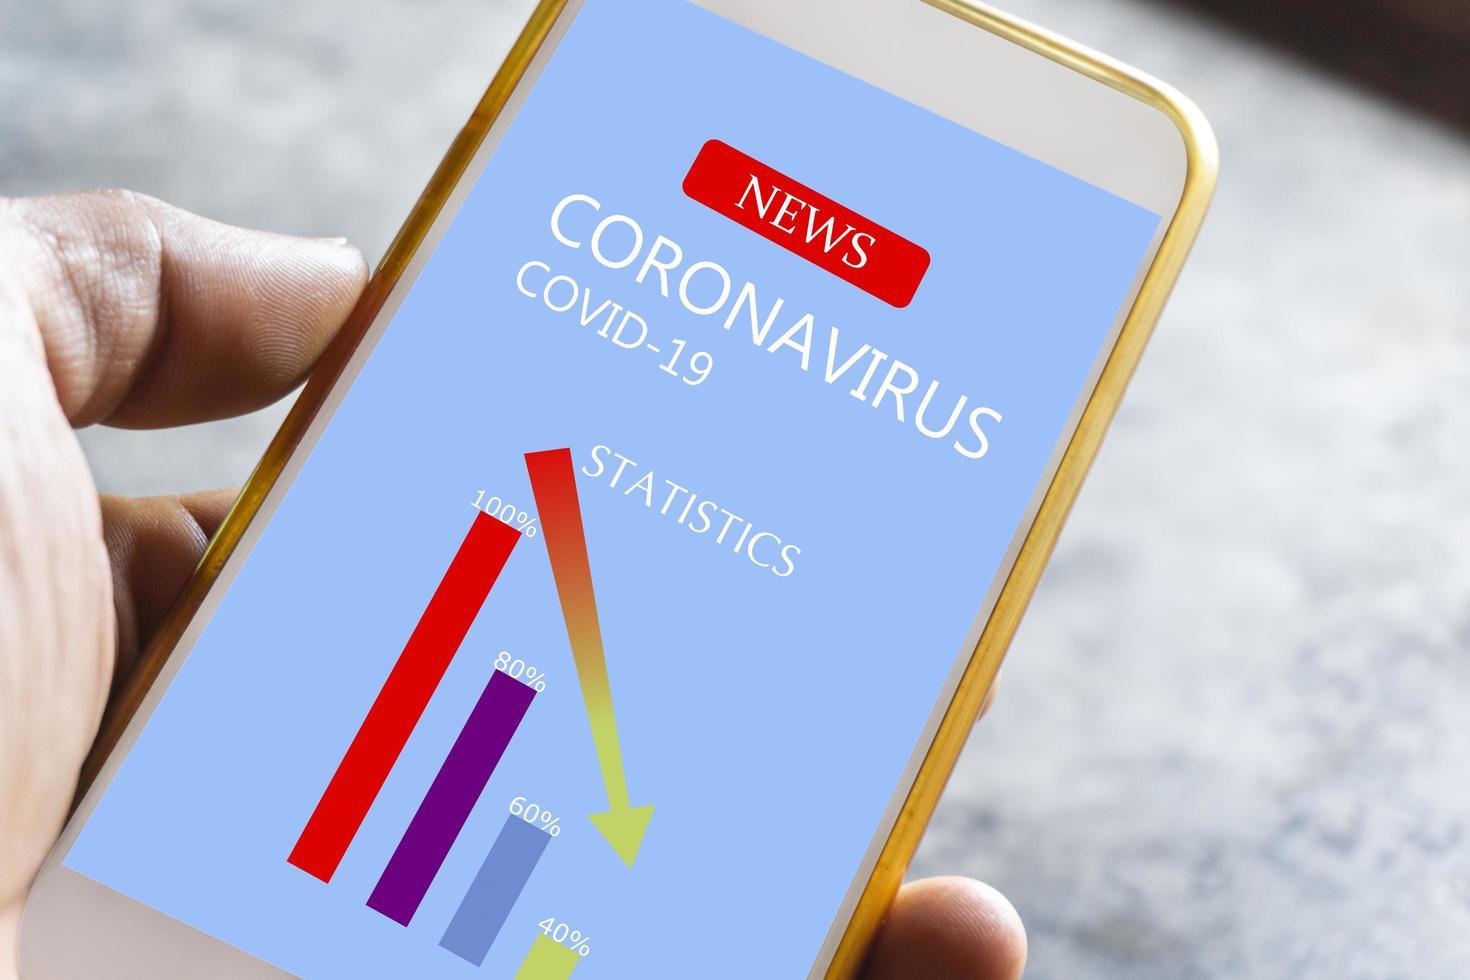 buscando noticias de coronavirus en el teléfono foto